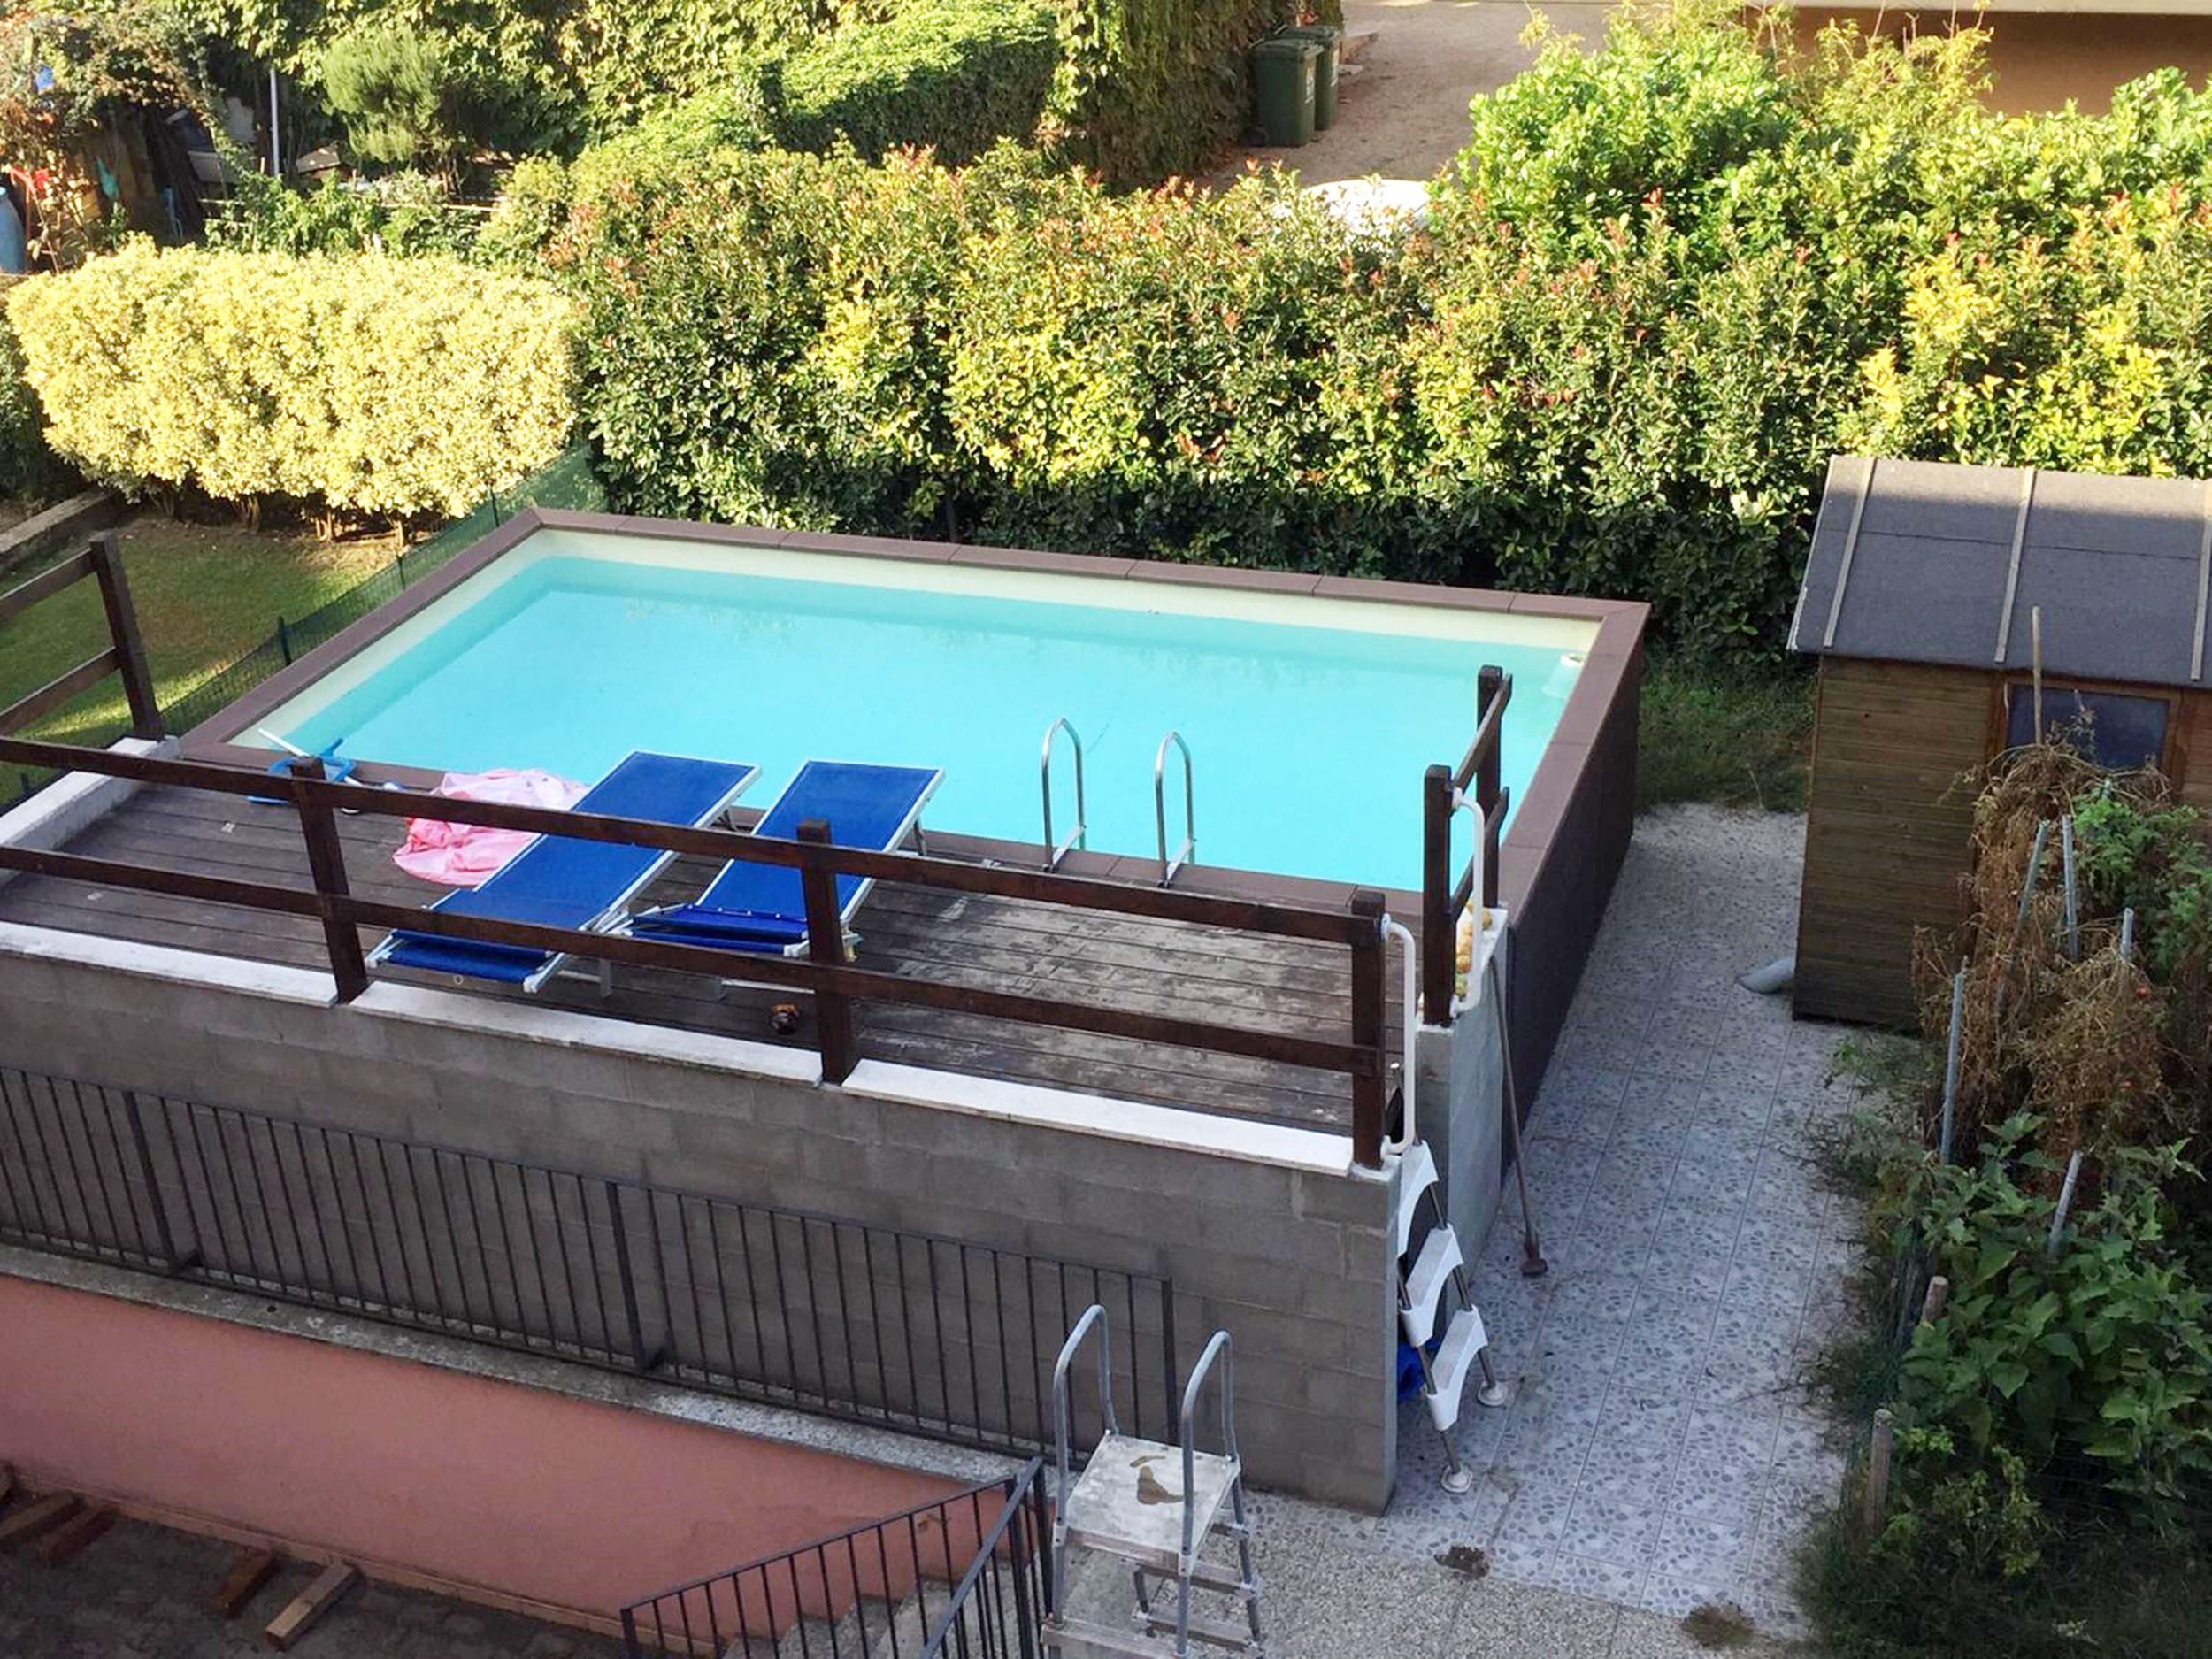 Cerchi una villa con piscina? Guarda l'annuncio!